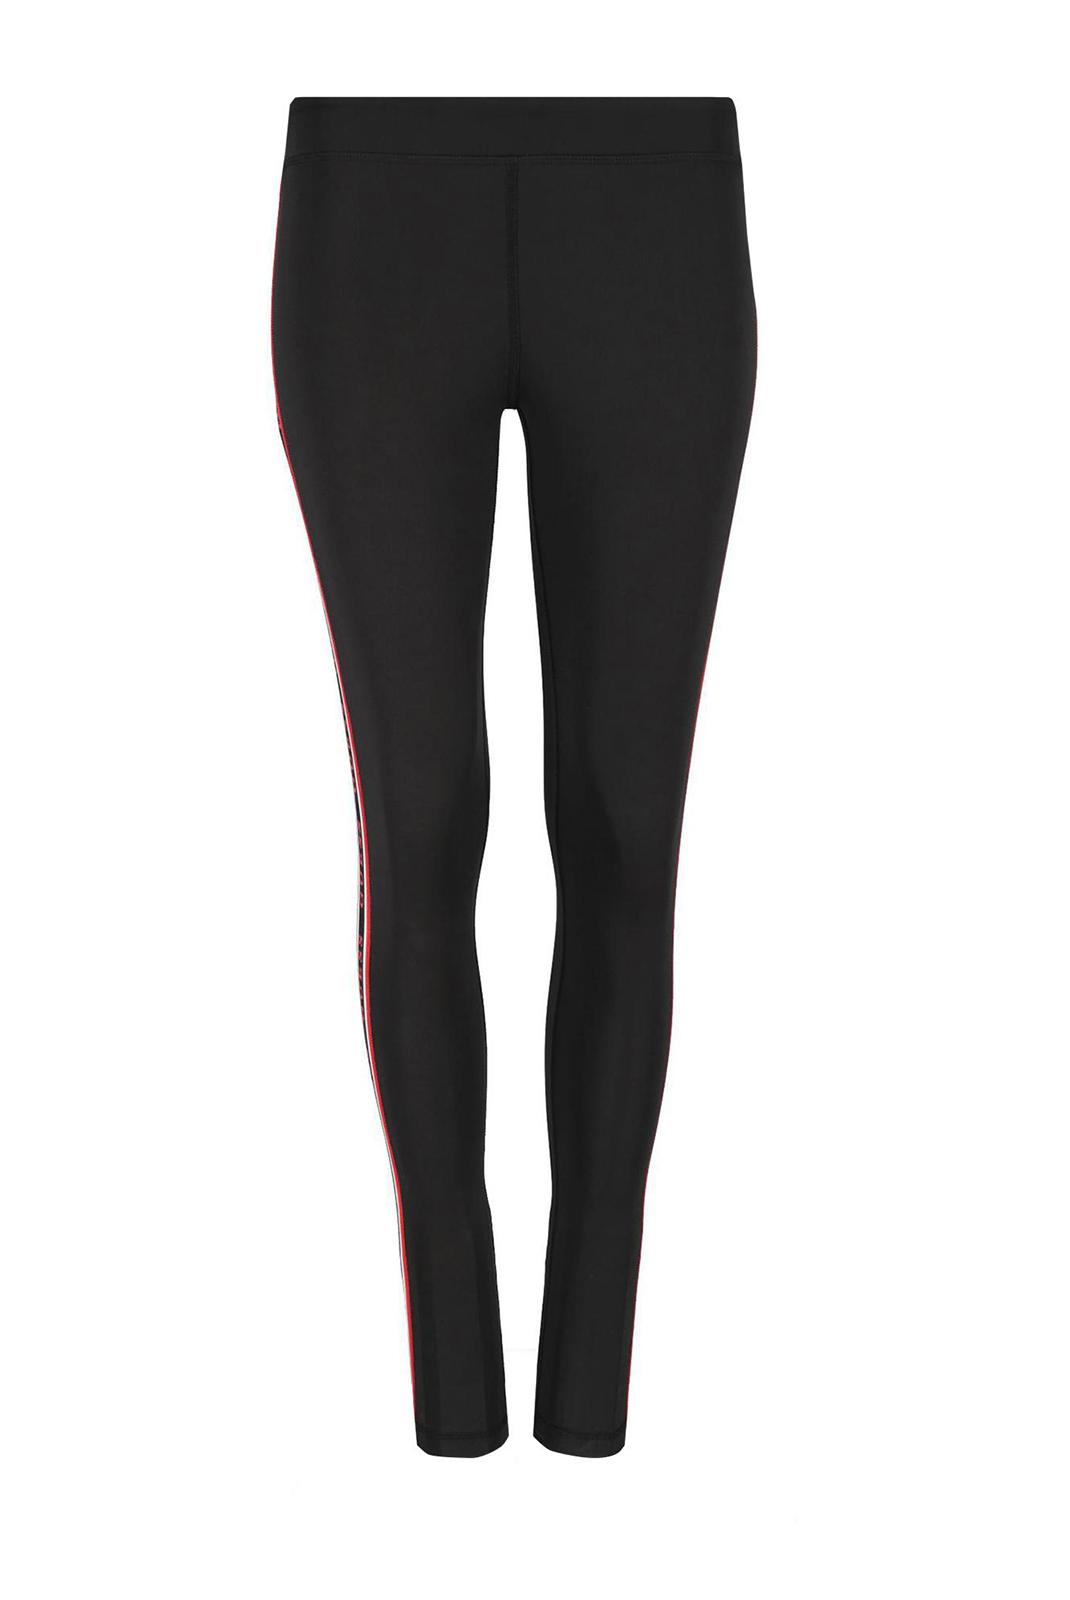 Pantalons  Guess jeans O84A06 MC01W A996 JET BLACK